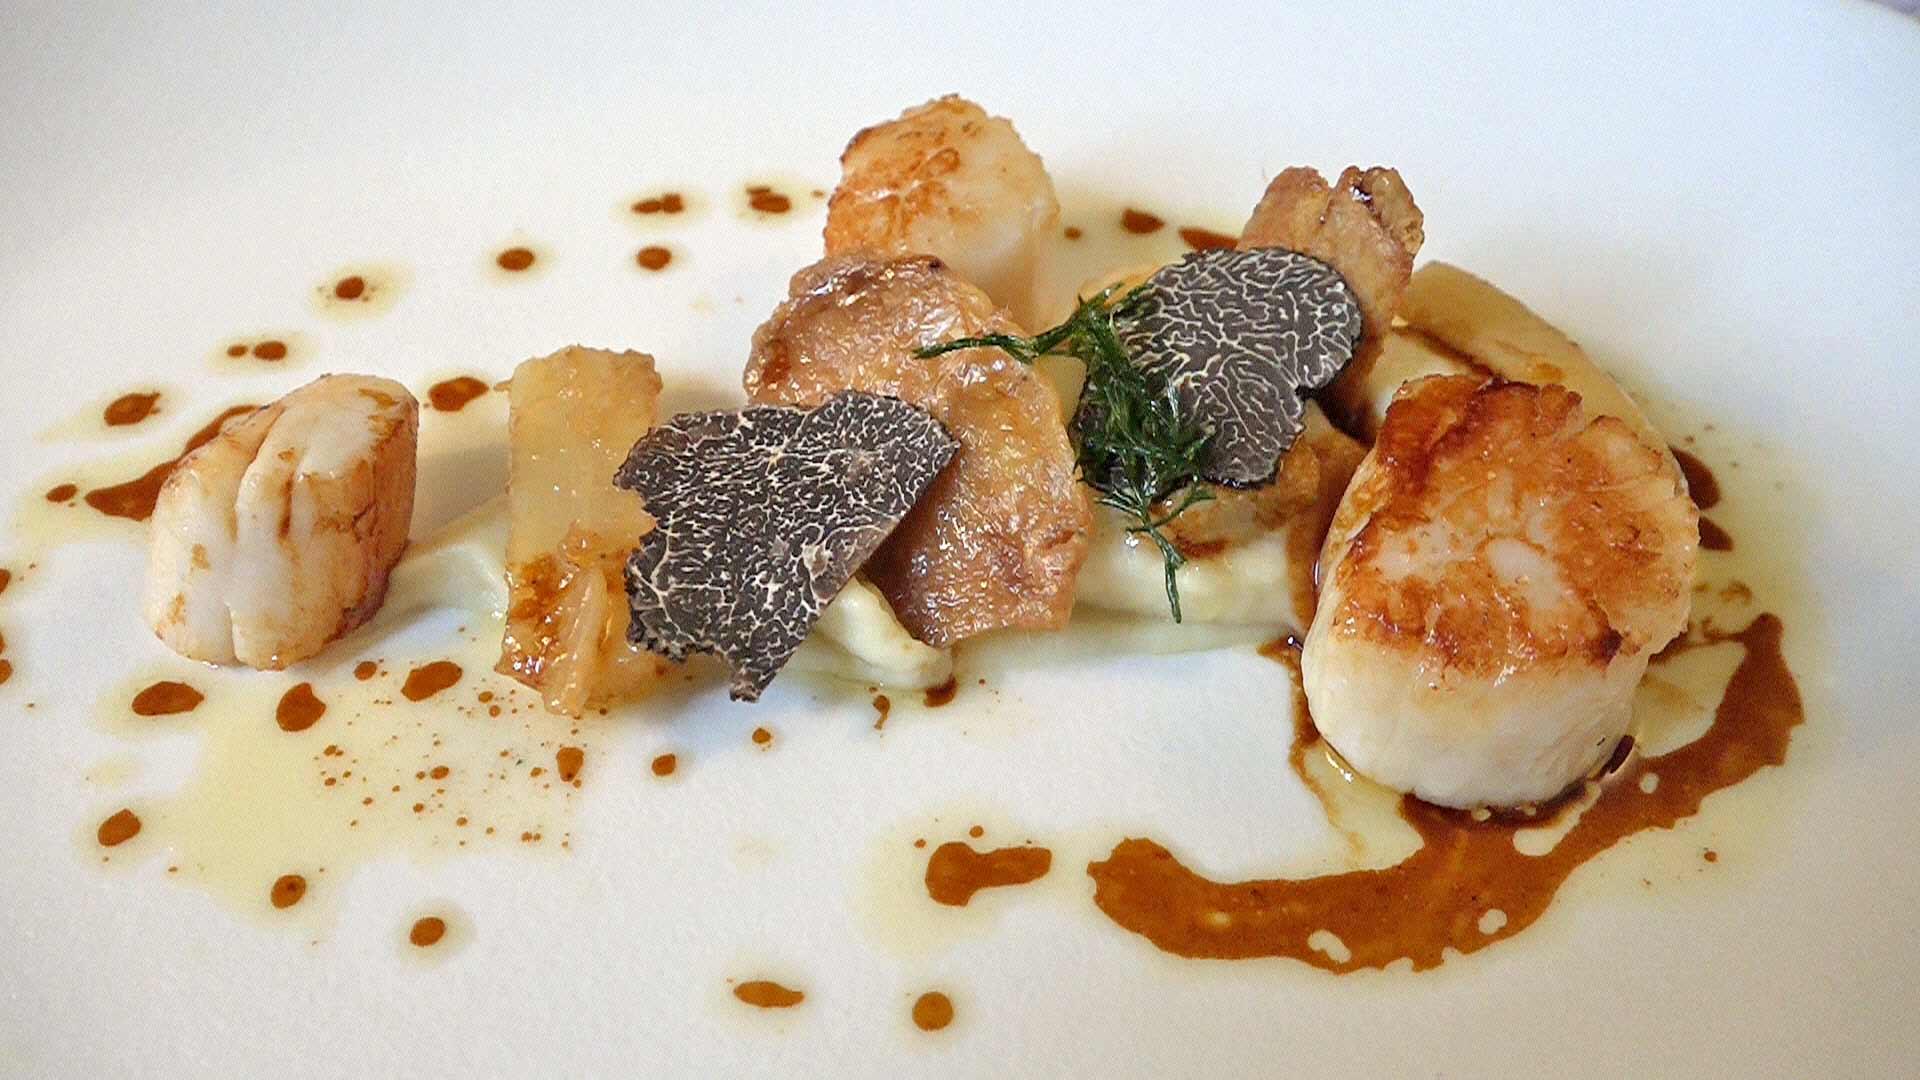 Saint-Jacques justes snackées à la plancha, mousseline de panais et salsifis, jus gras de poulet rôti et truffe noire